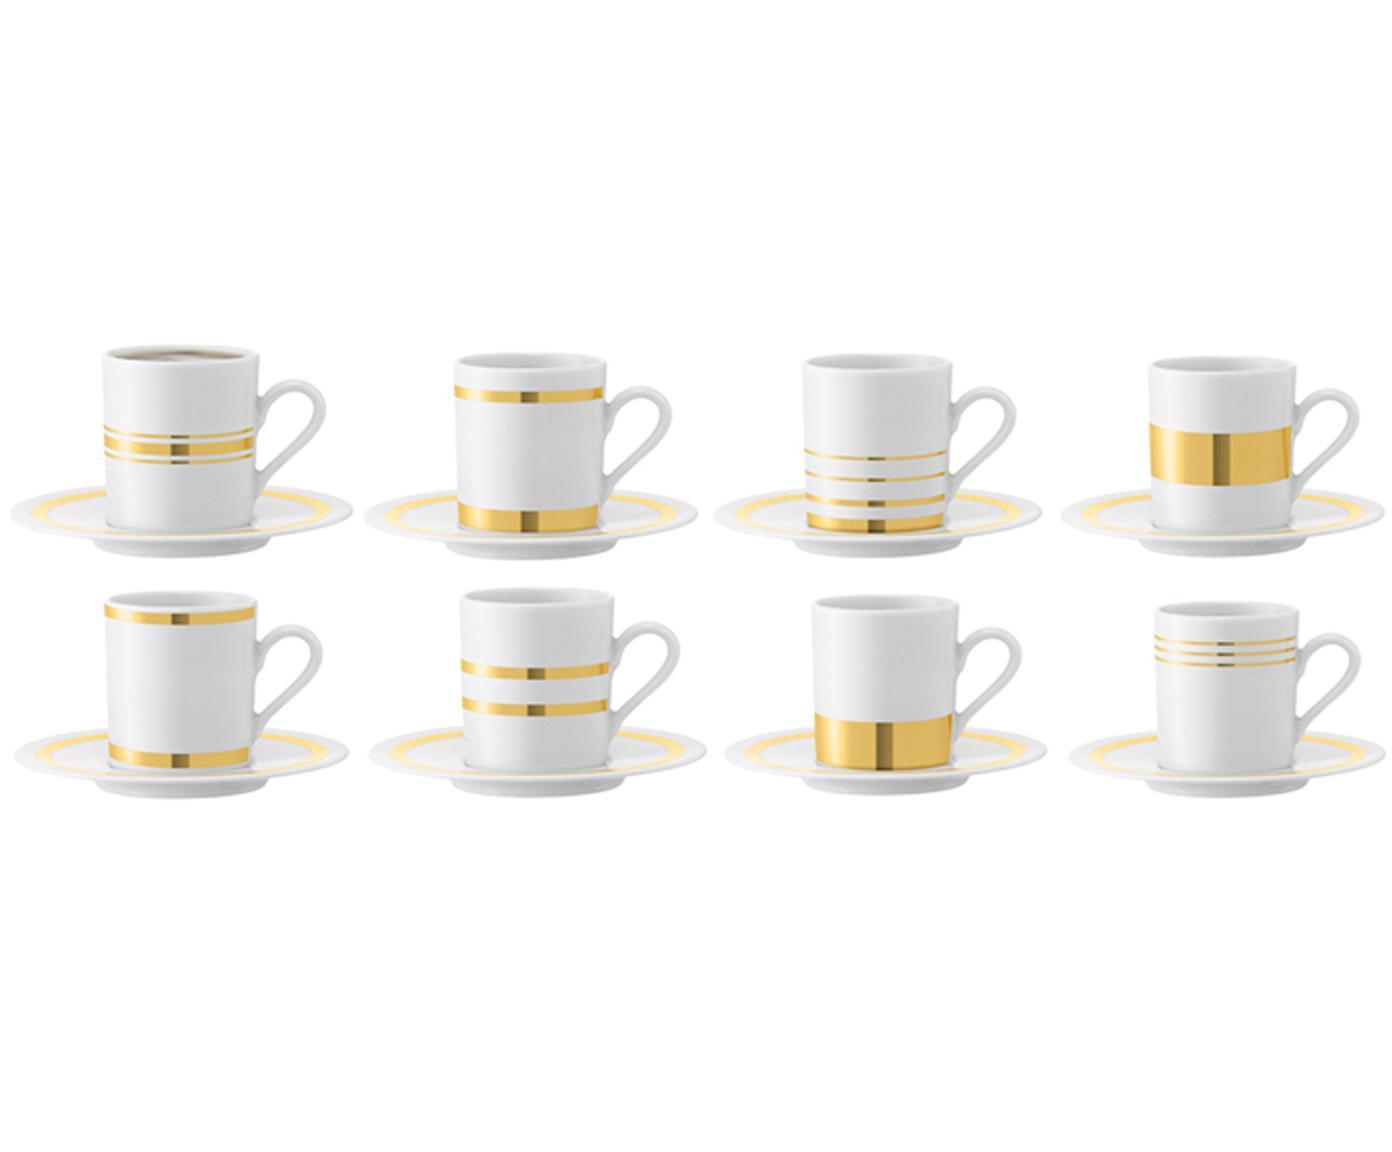 Espressotassen mit Untertassen Deco mit goldenem Dekor, 8 Stück, Porzellan, Weiss, Goldfarben, Ø 7 x H 7 cm